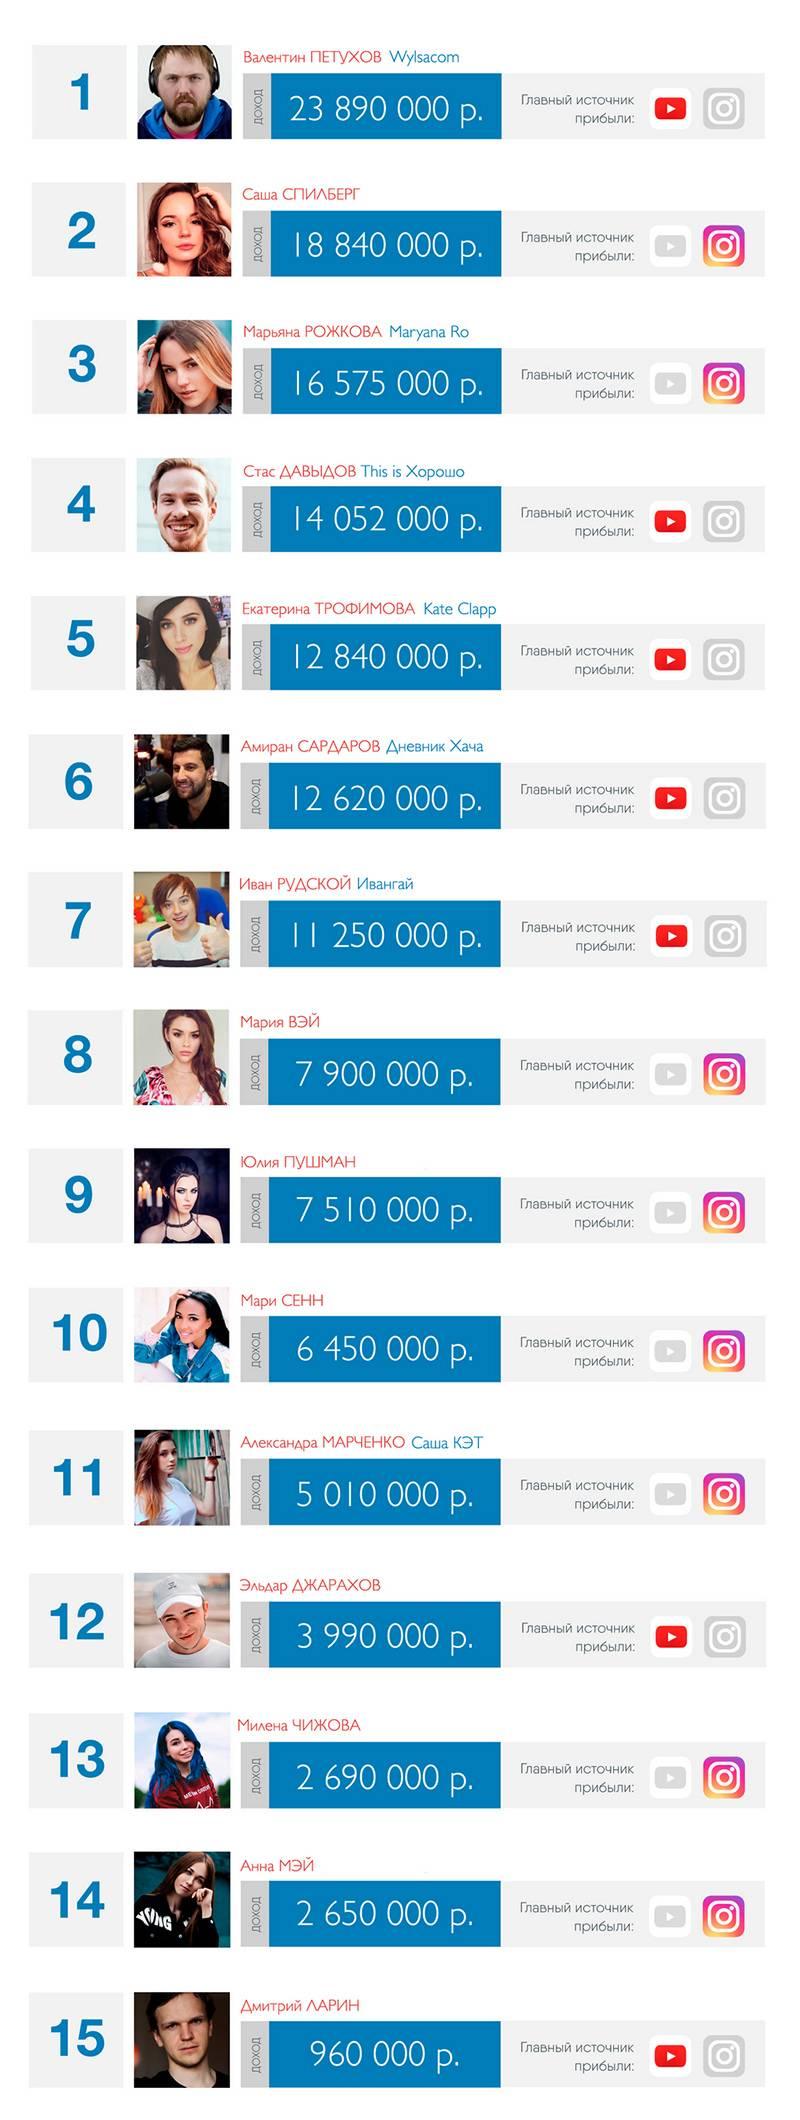 Топ 100 самых популярных инстаграм аккаунтов